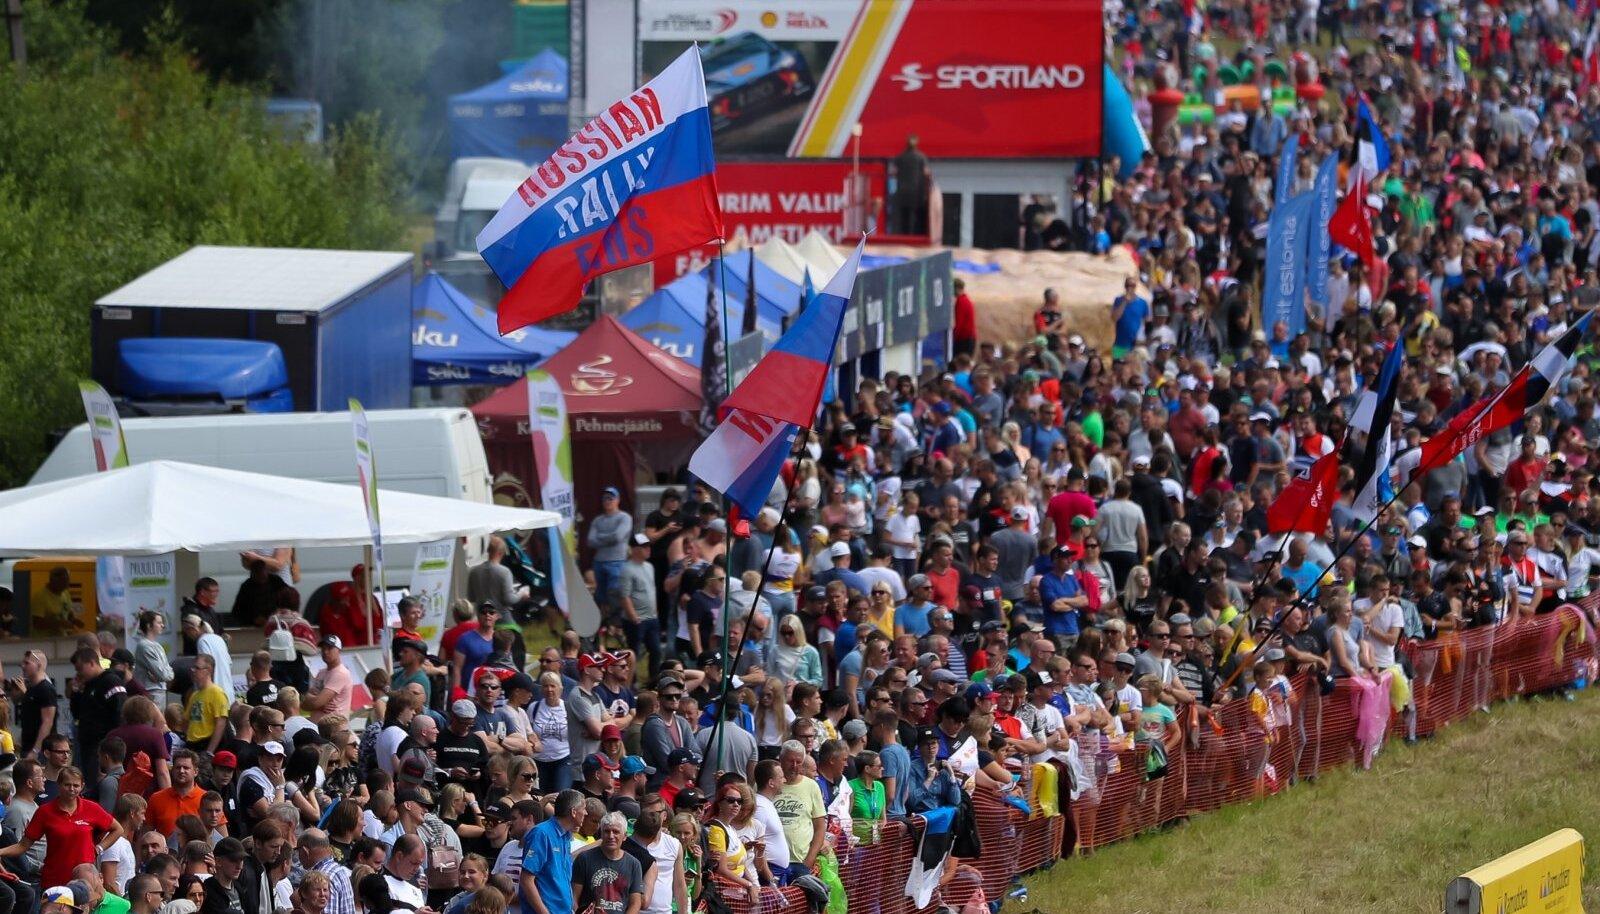 Suure egoga mehed sõidavad, kuid Rally Estonia ajal Alaküla trampliinile kogunev rahvamass jääb soovitud etenduseta.